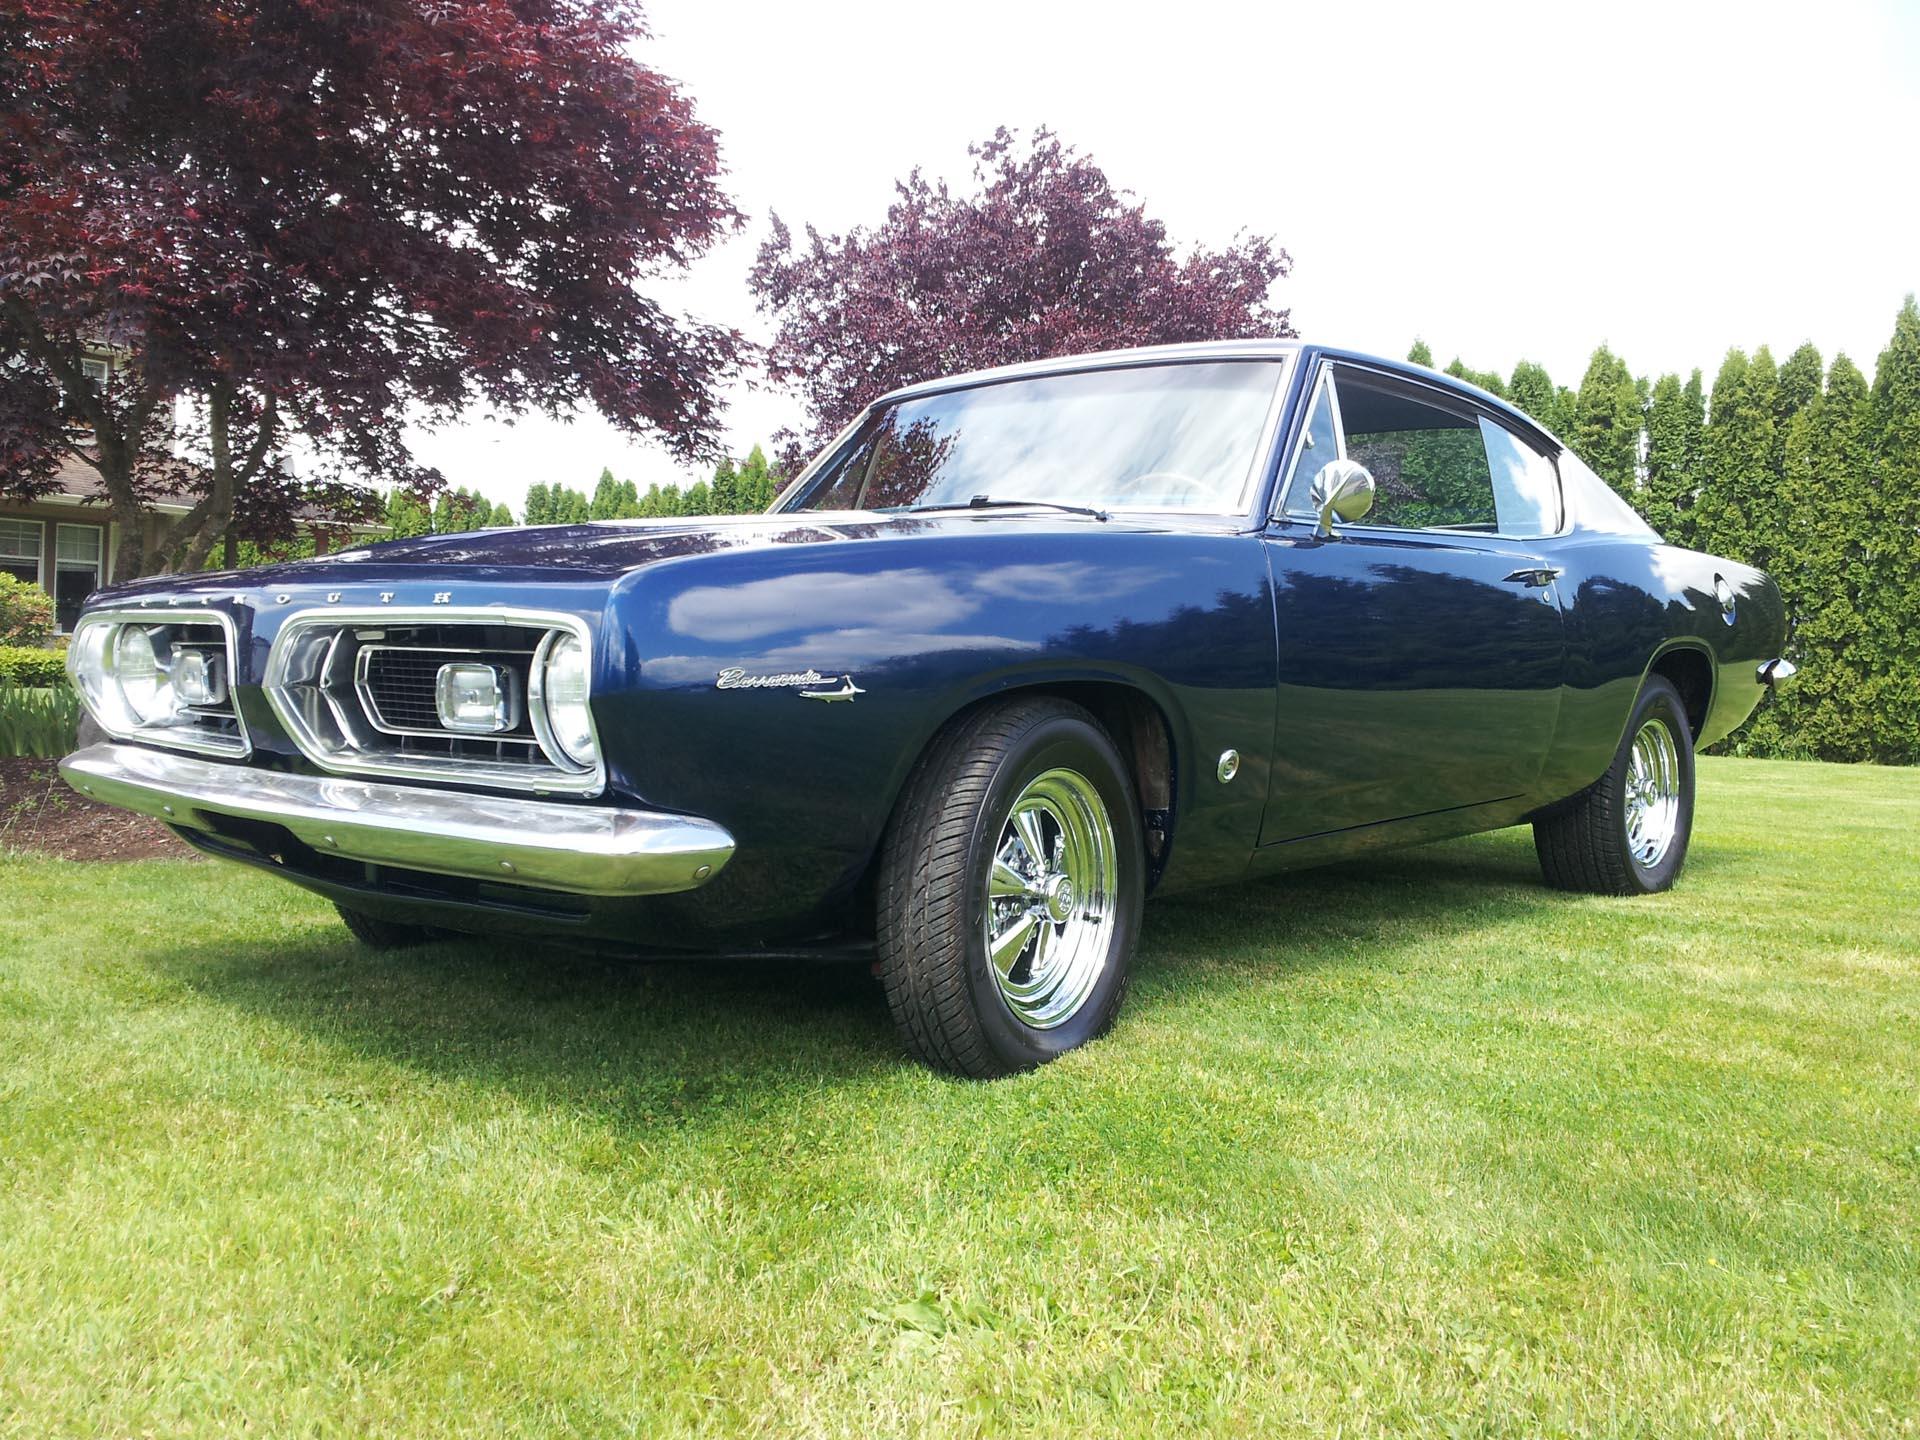 1967 Barracuda - Stones Speed Shop